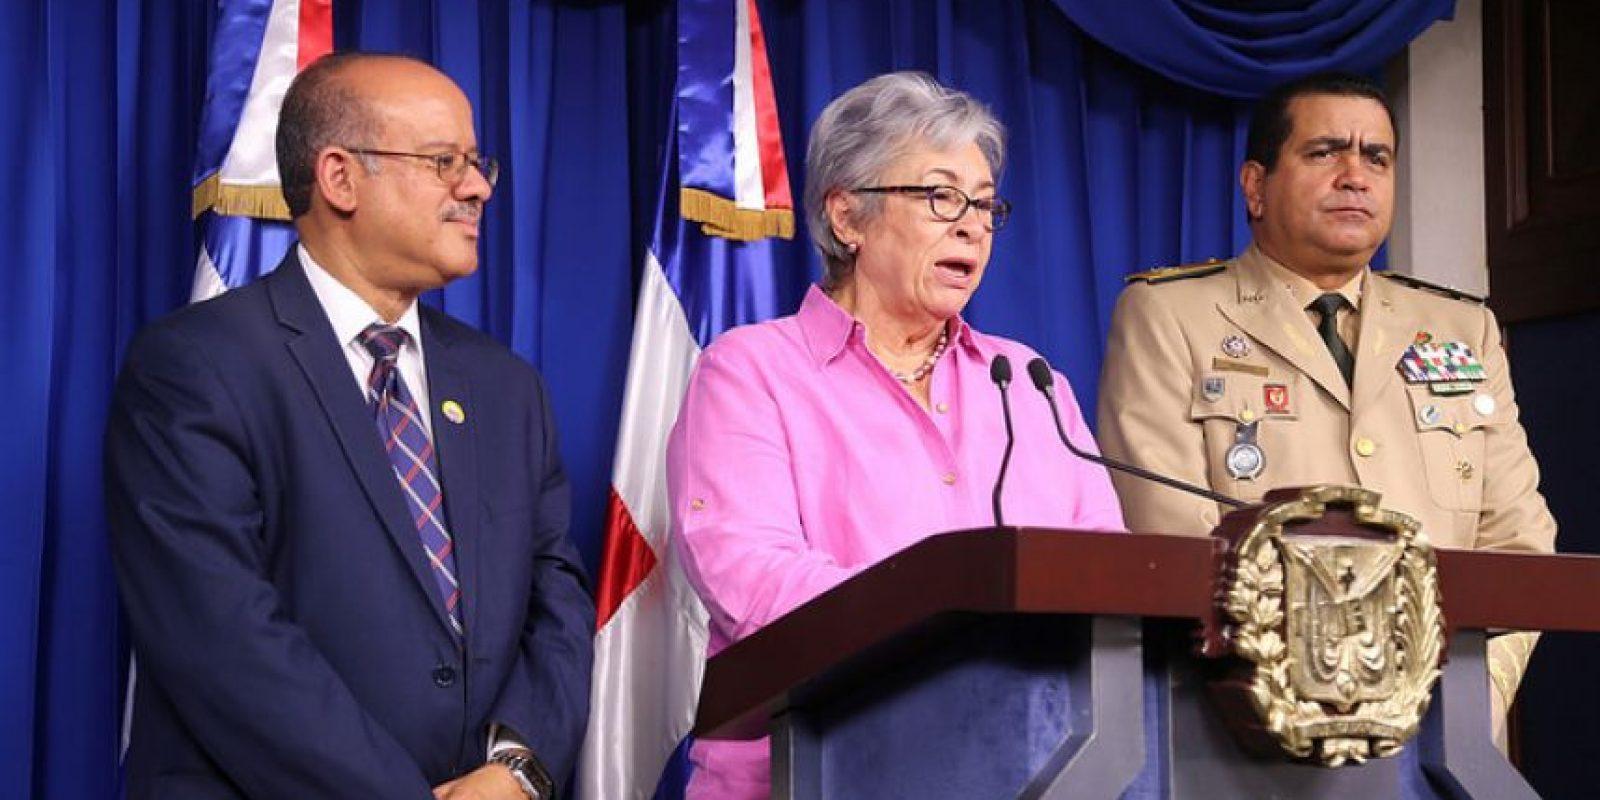 La ministra de Salud ofrece detalles sobre los casos de zika reportados en el país. Foto:Fuente externa